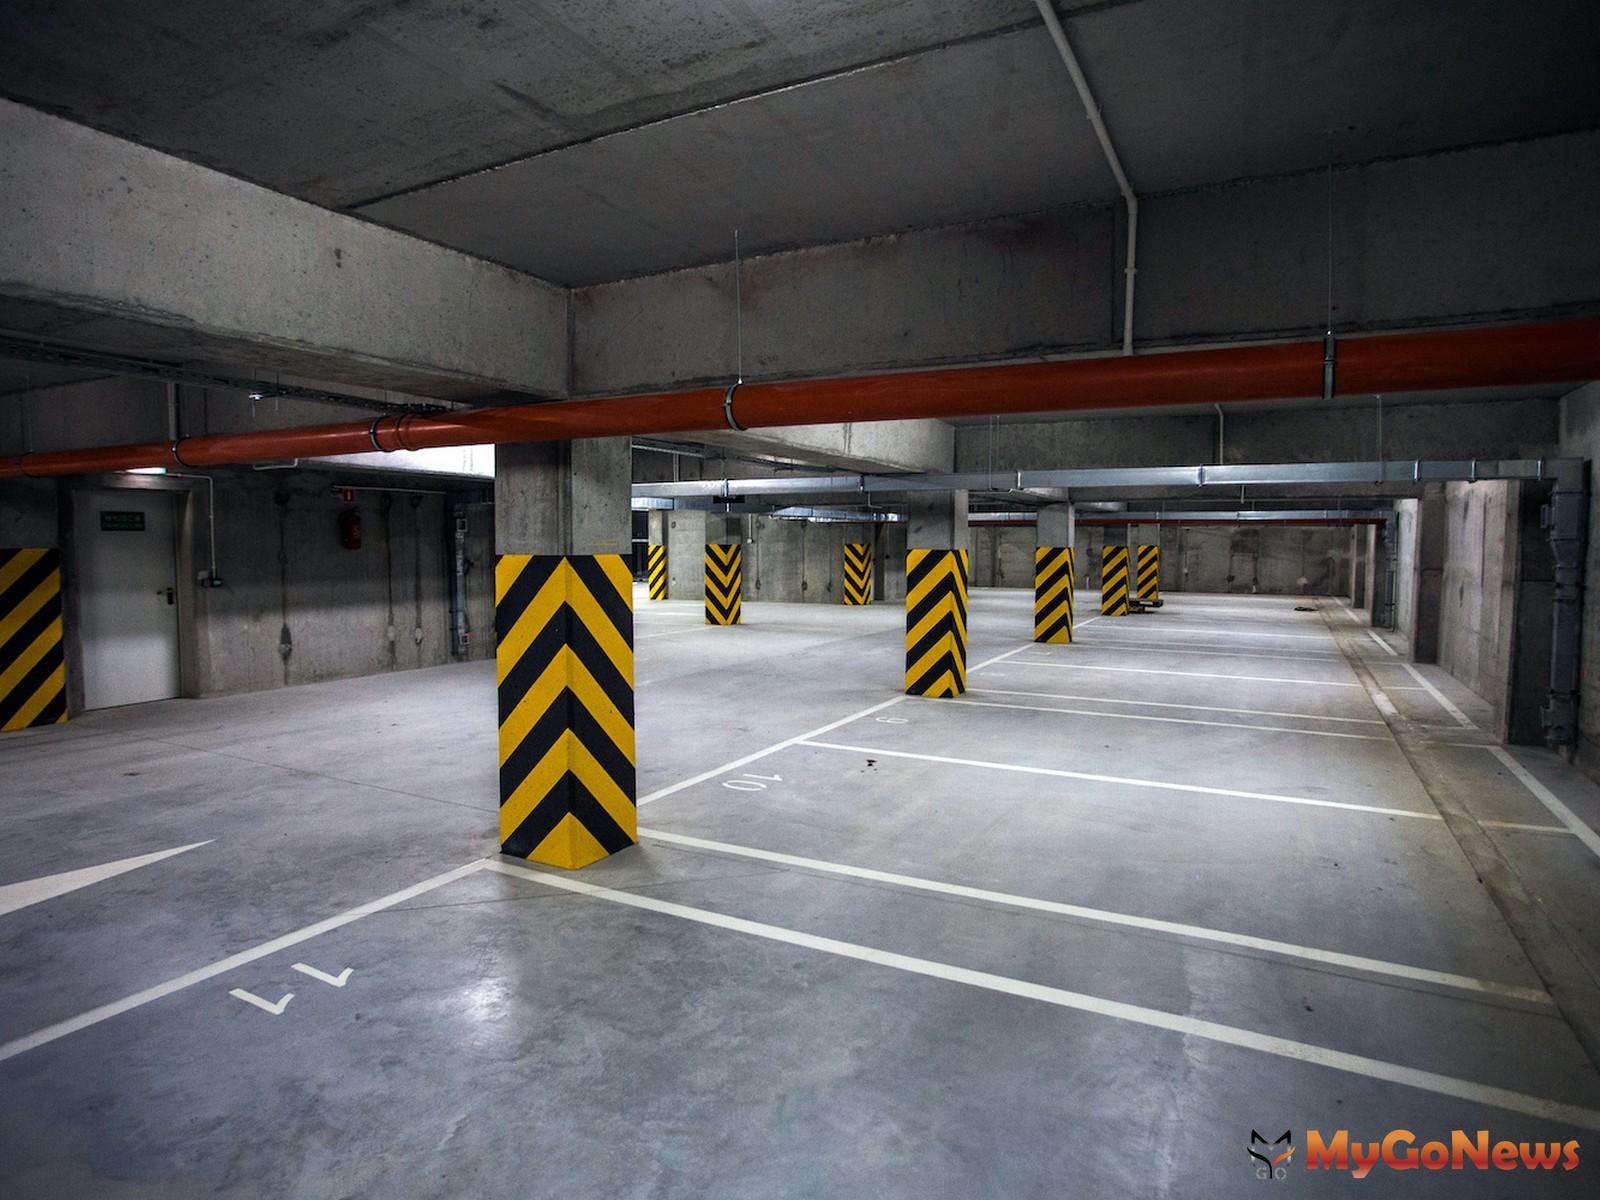 有些社區會把車道面積劃入車位計算,有些則把車道面積算成公設,購買之前請再三確認車位權狀的坪數。(圖/21世紀不動產) MyGoNews房地產新聞 市場快訊